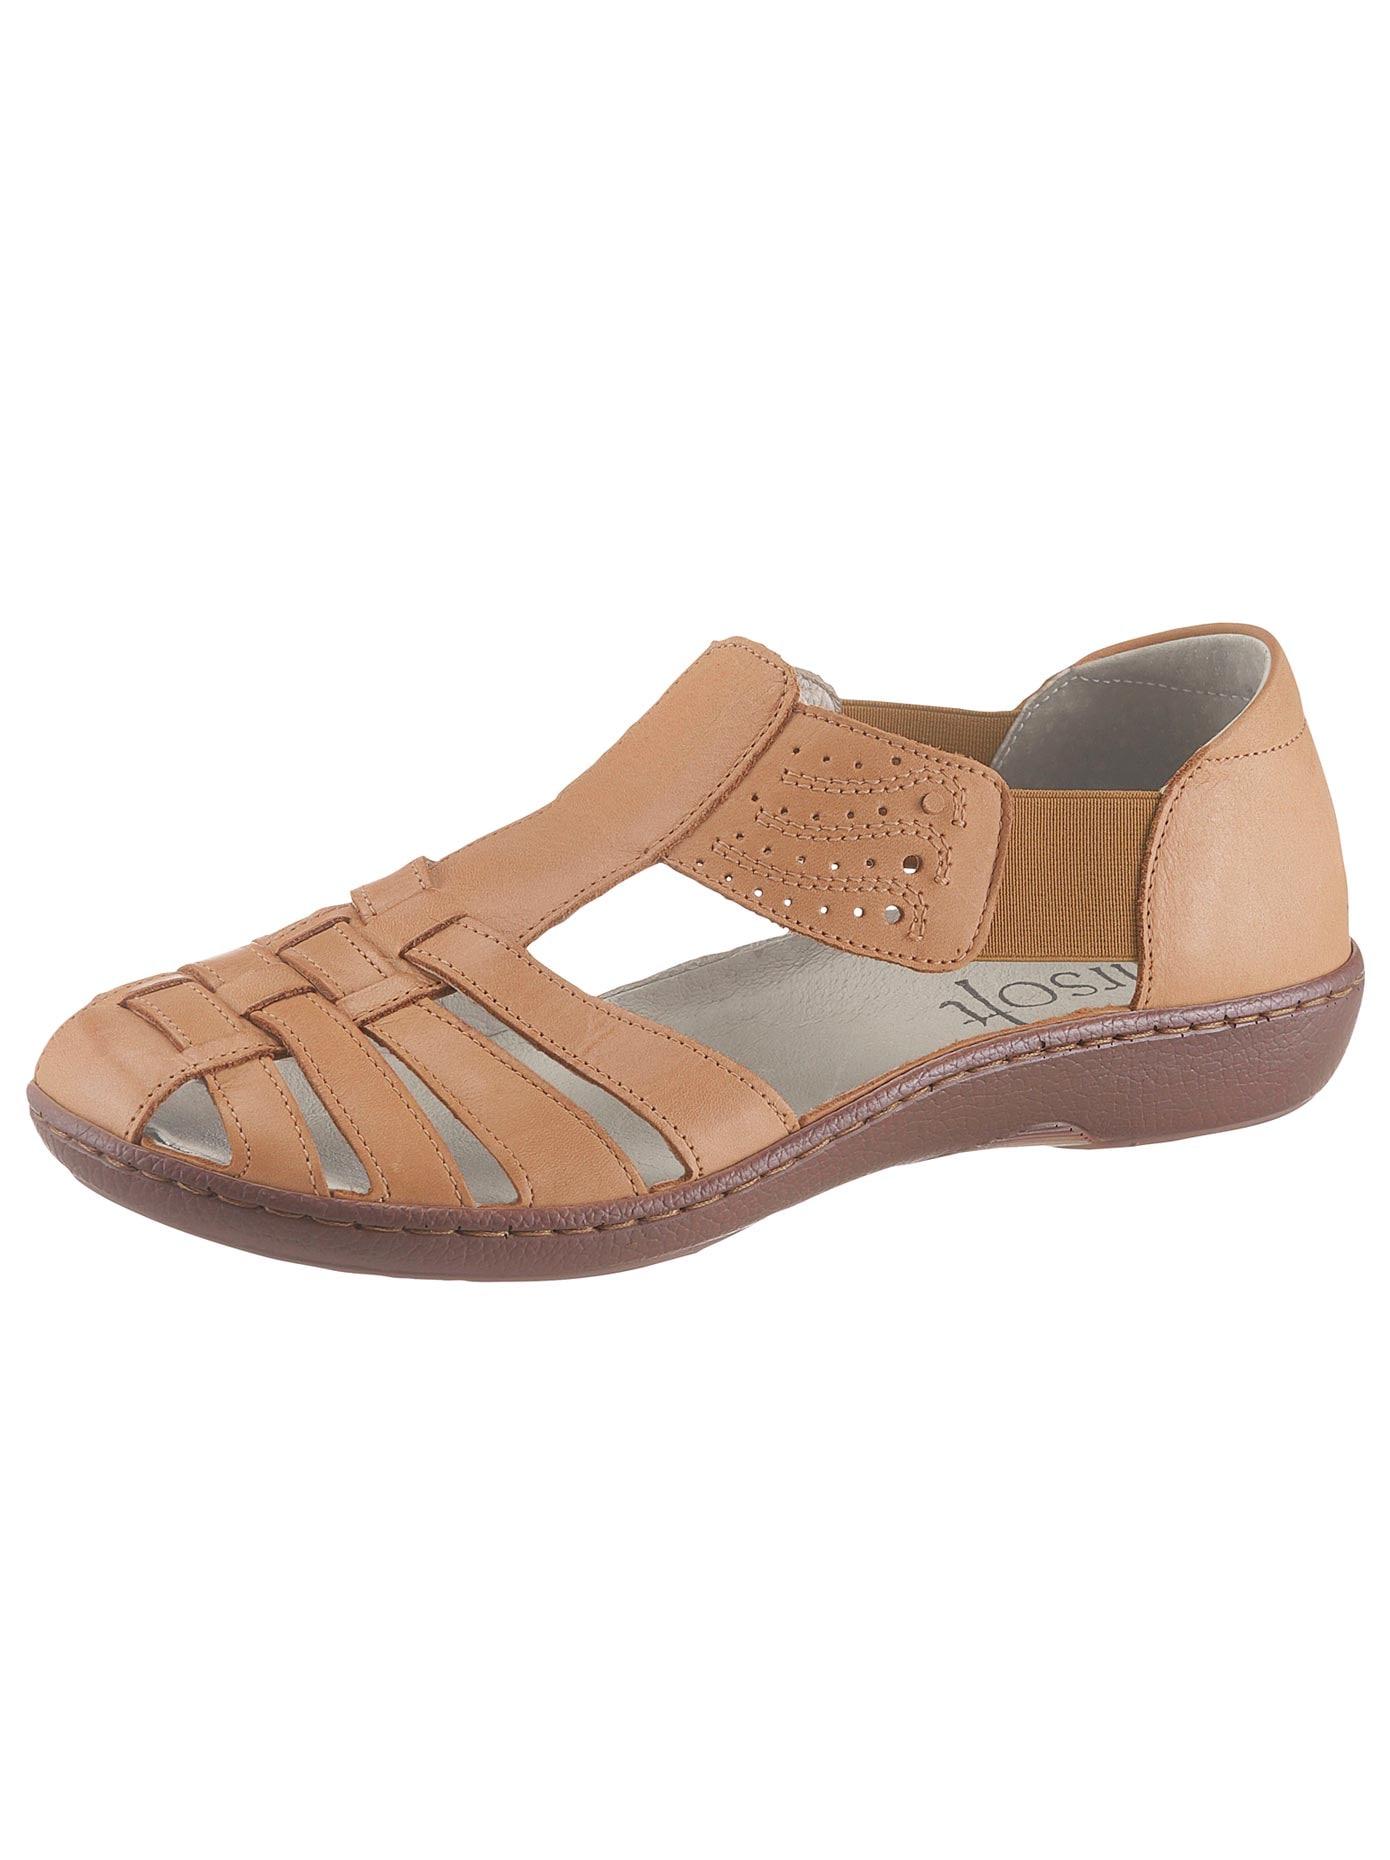 airsoft slipper mit seitlichen gummizügen kaufen baur  airsoft slipper mit seitlichen gummizugen damen schuhe kmgumblfu #2